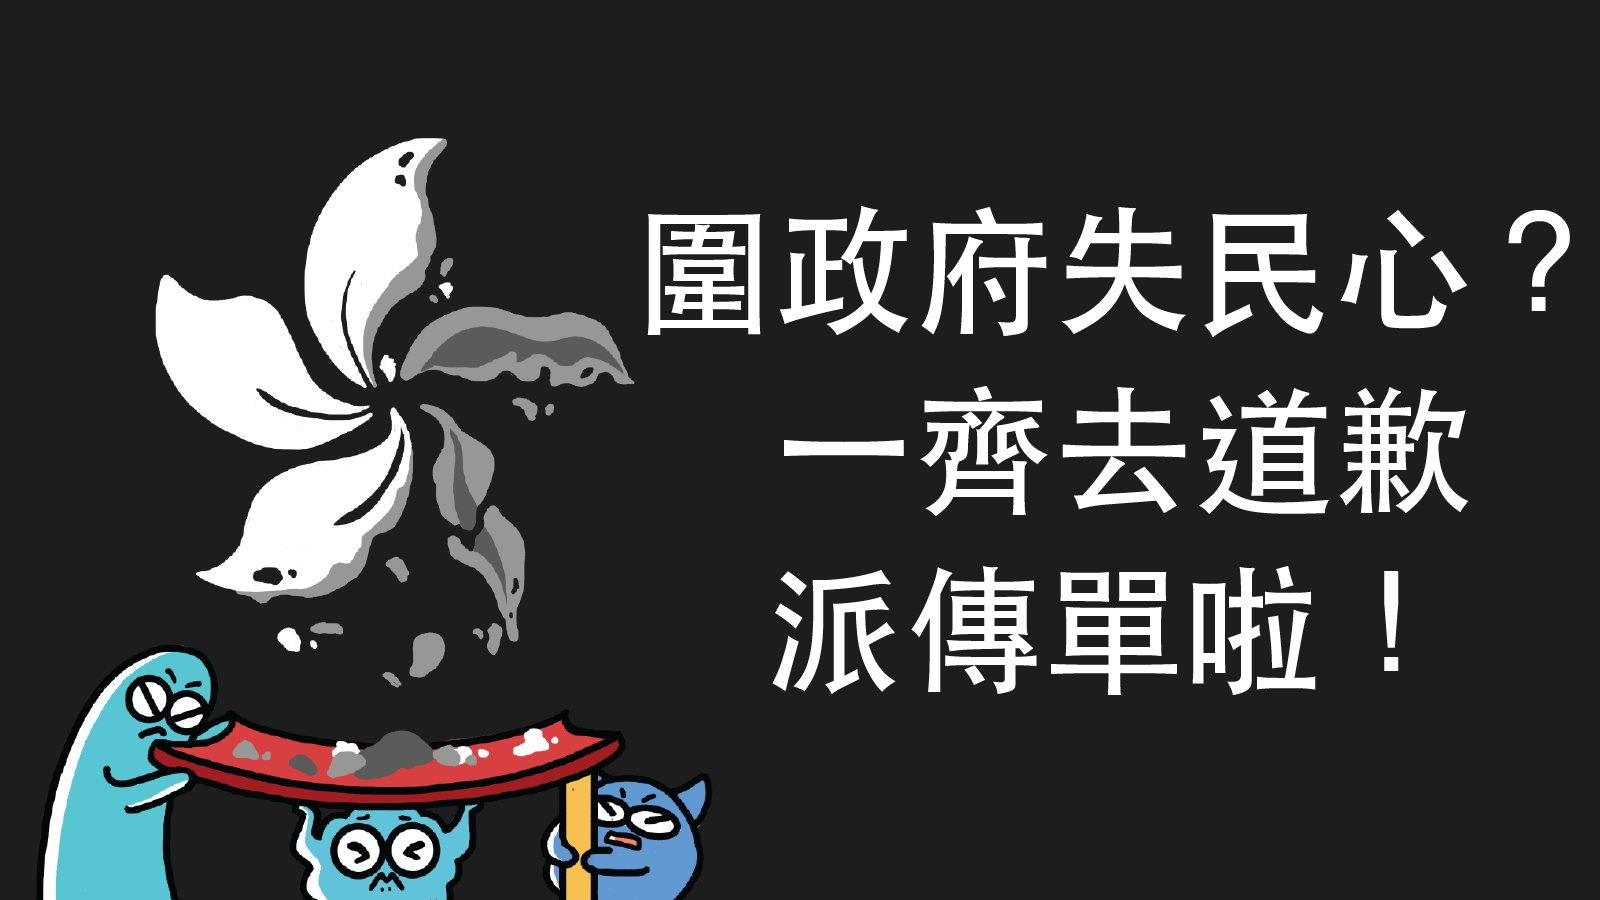 [道歉團] 圍政府大樓失民心?一於以退為進,一齊去道歉 + 派傳單啦!